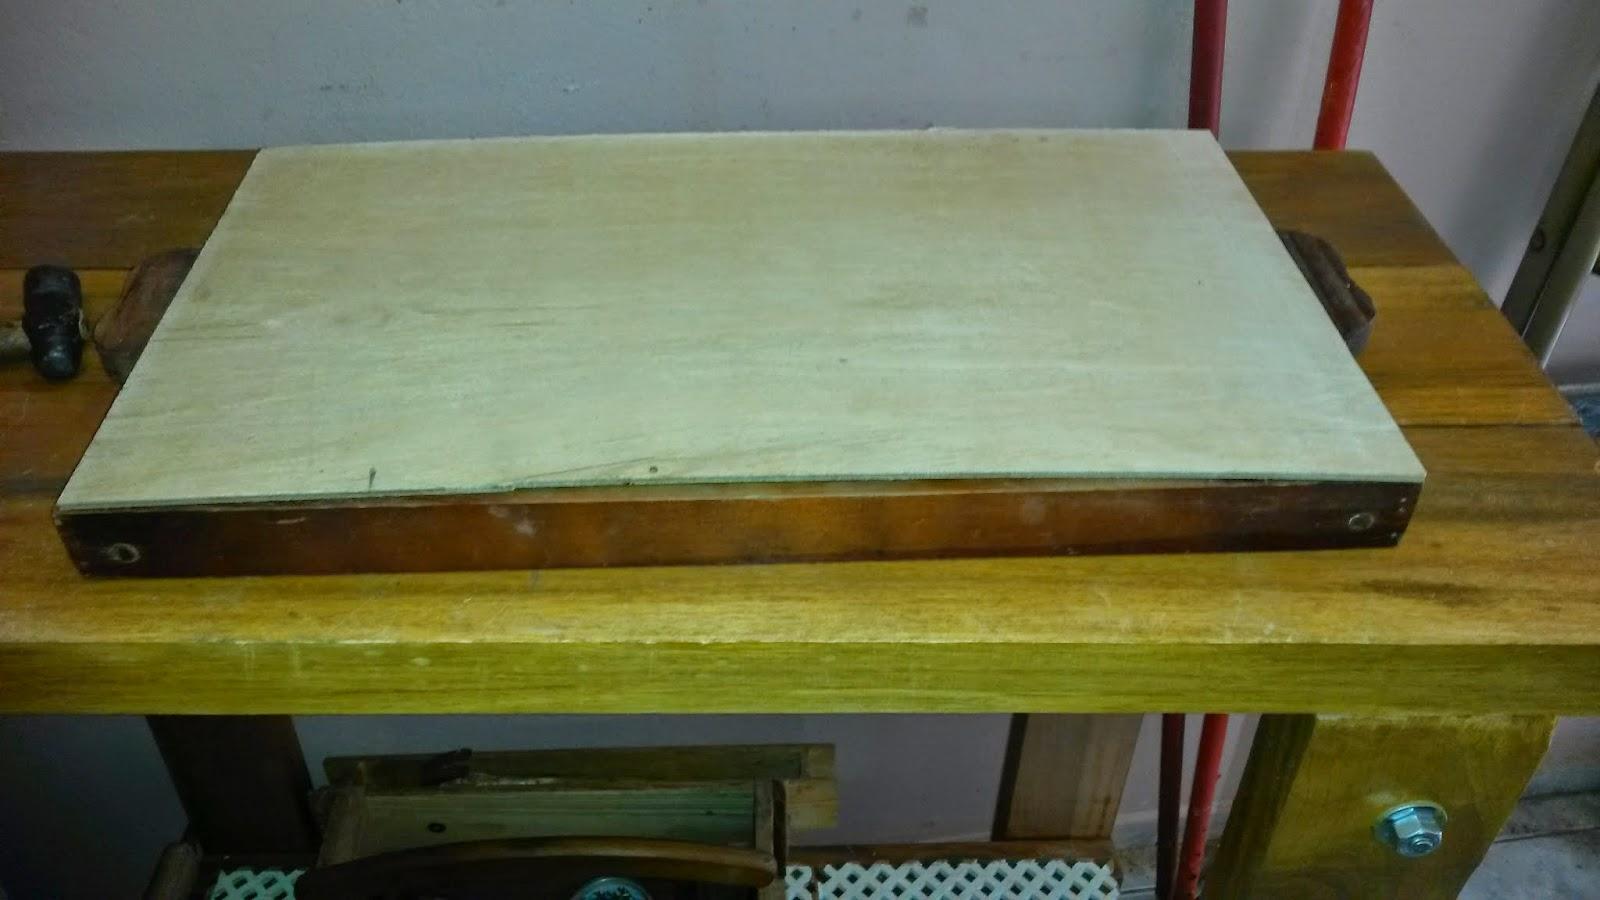 Oficina do Quintal: Como fazer uma bancada para Tupia #604614 1600x900